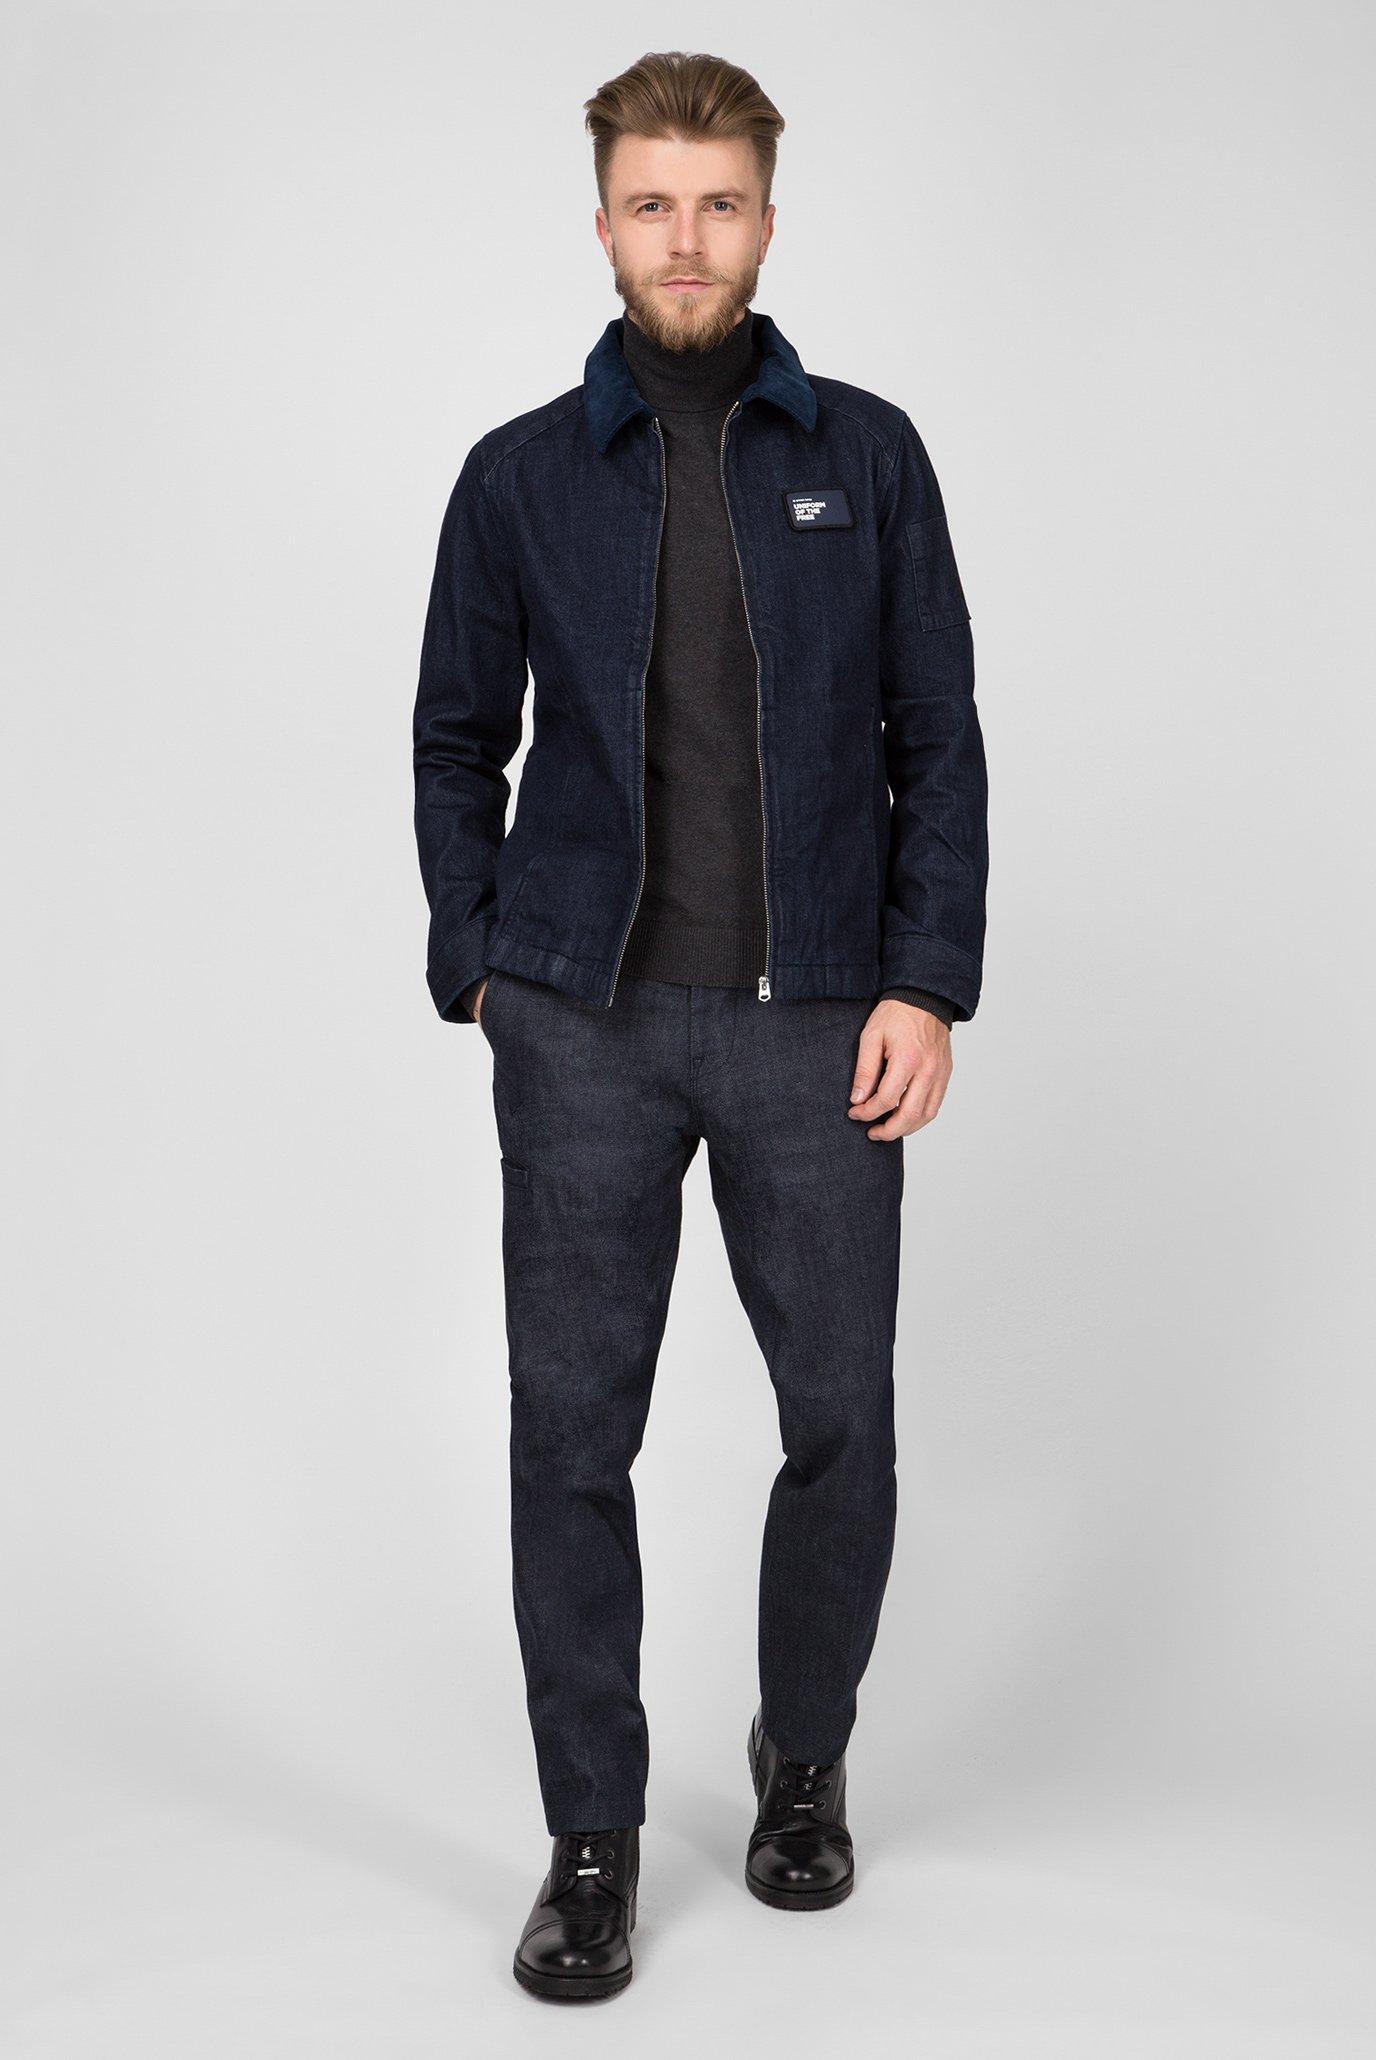 Купить Мужские синие джинсы Bronson G-Star RAW G-Star RAW D11386,8595 – Киев, Украина. Цены в интернет магазине MD Fashion